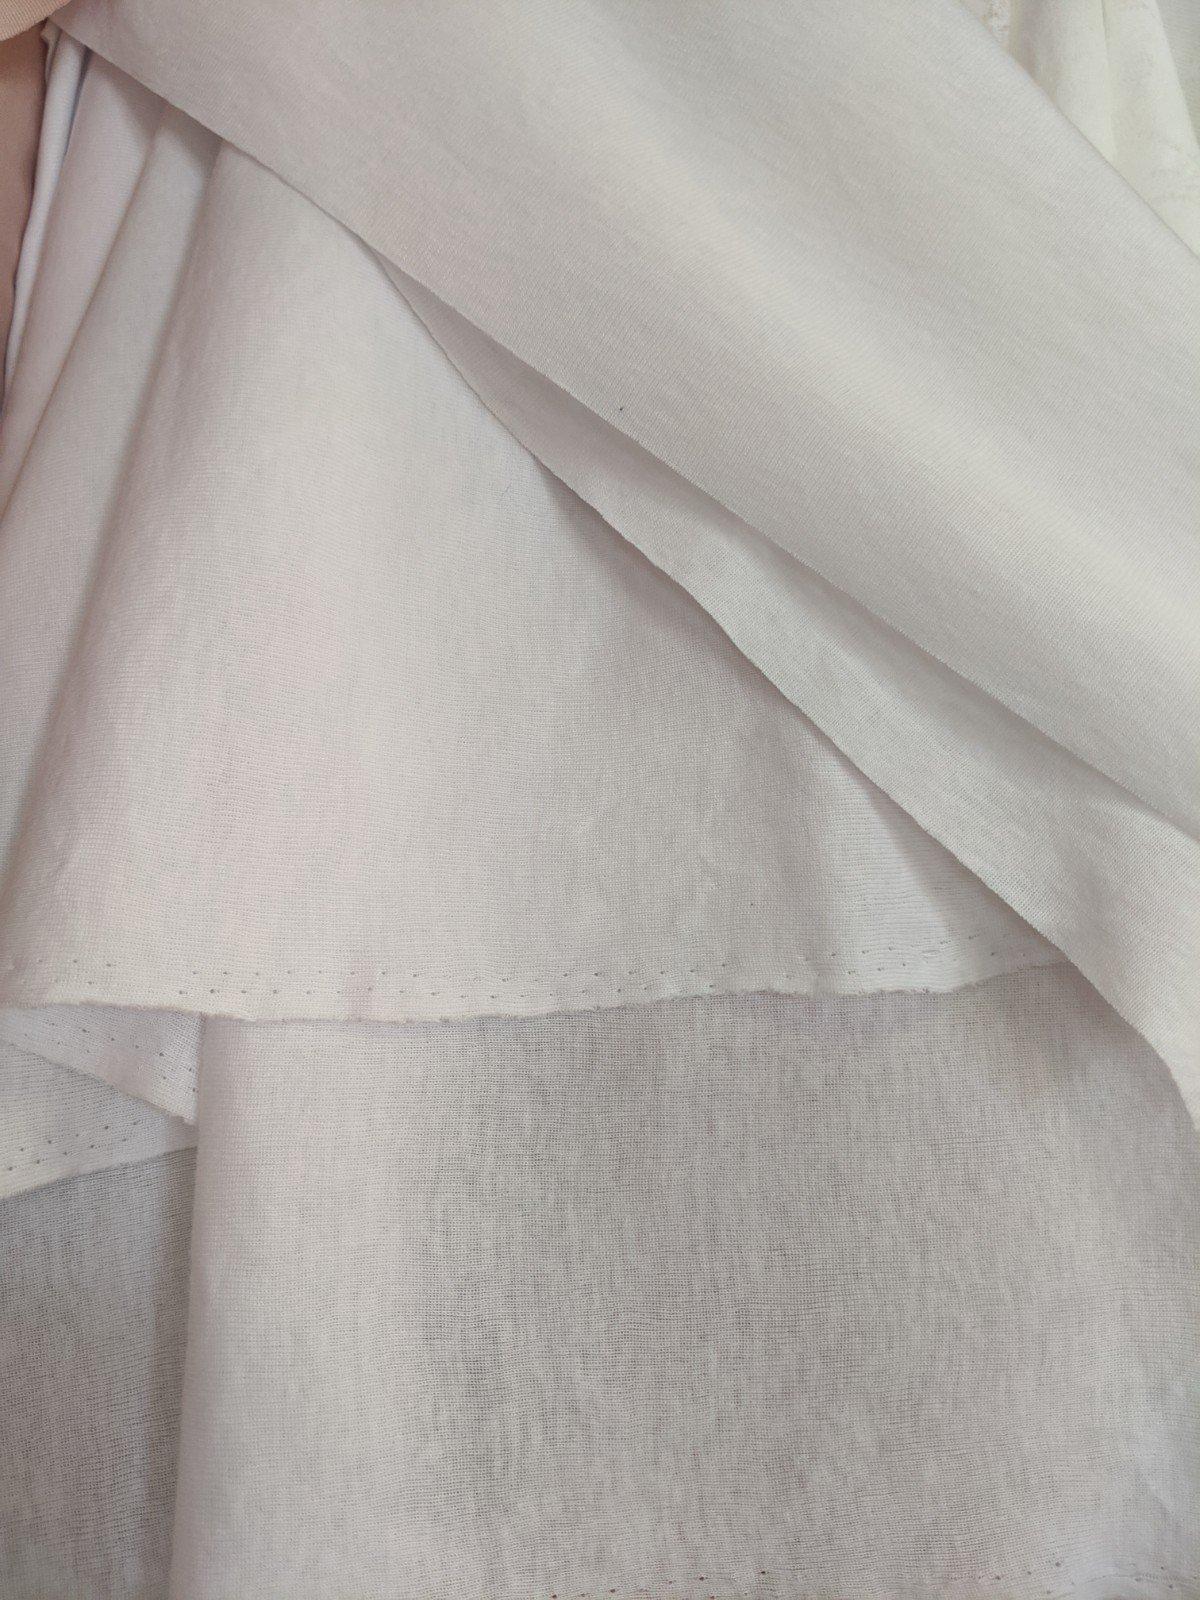 Cotton Knit - White